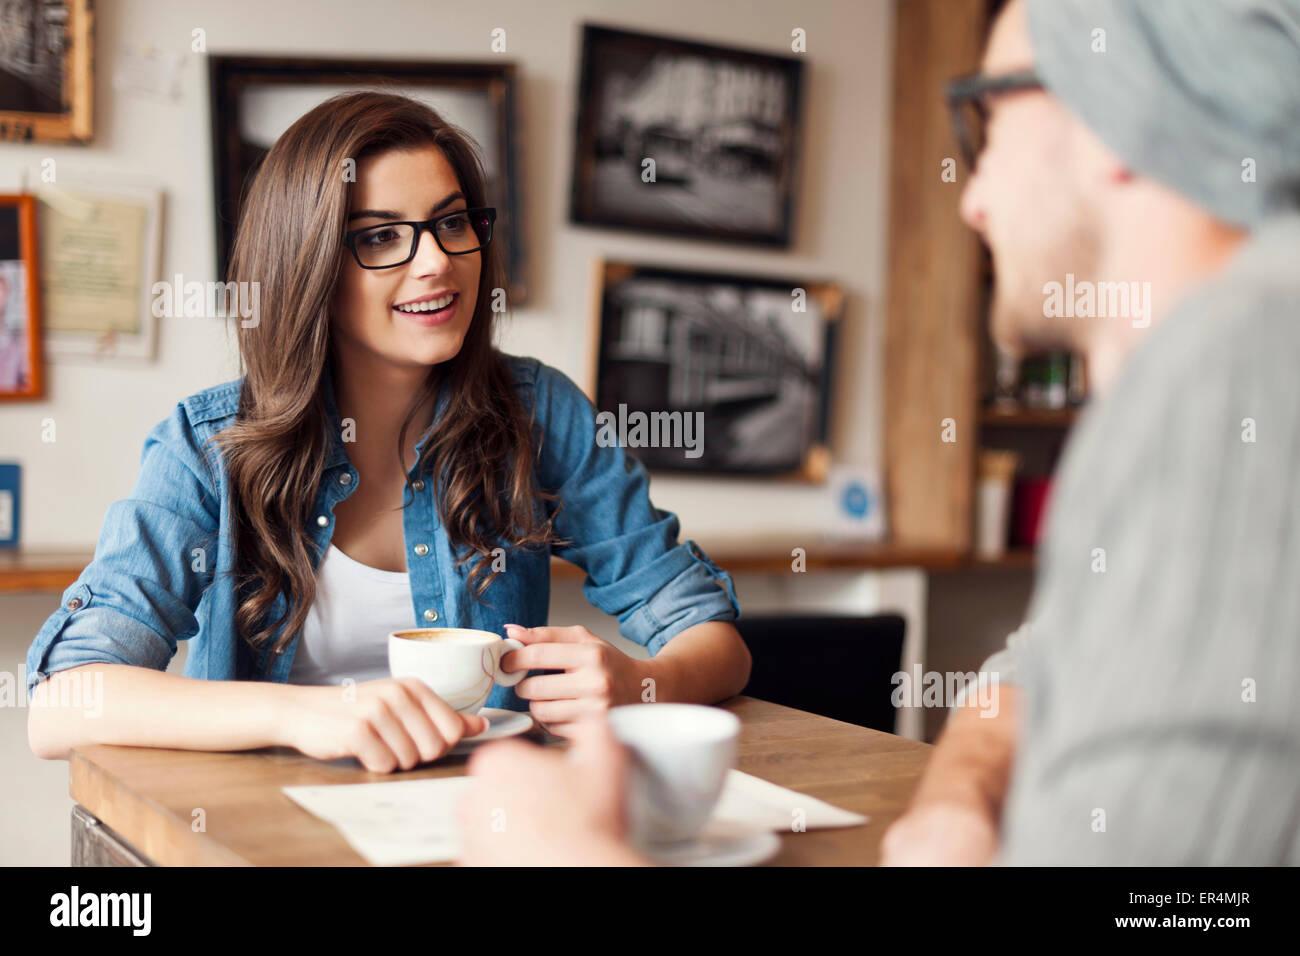 Elegante pareja hablando en el café. Cracovia, Polonia Imagen De Stock